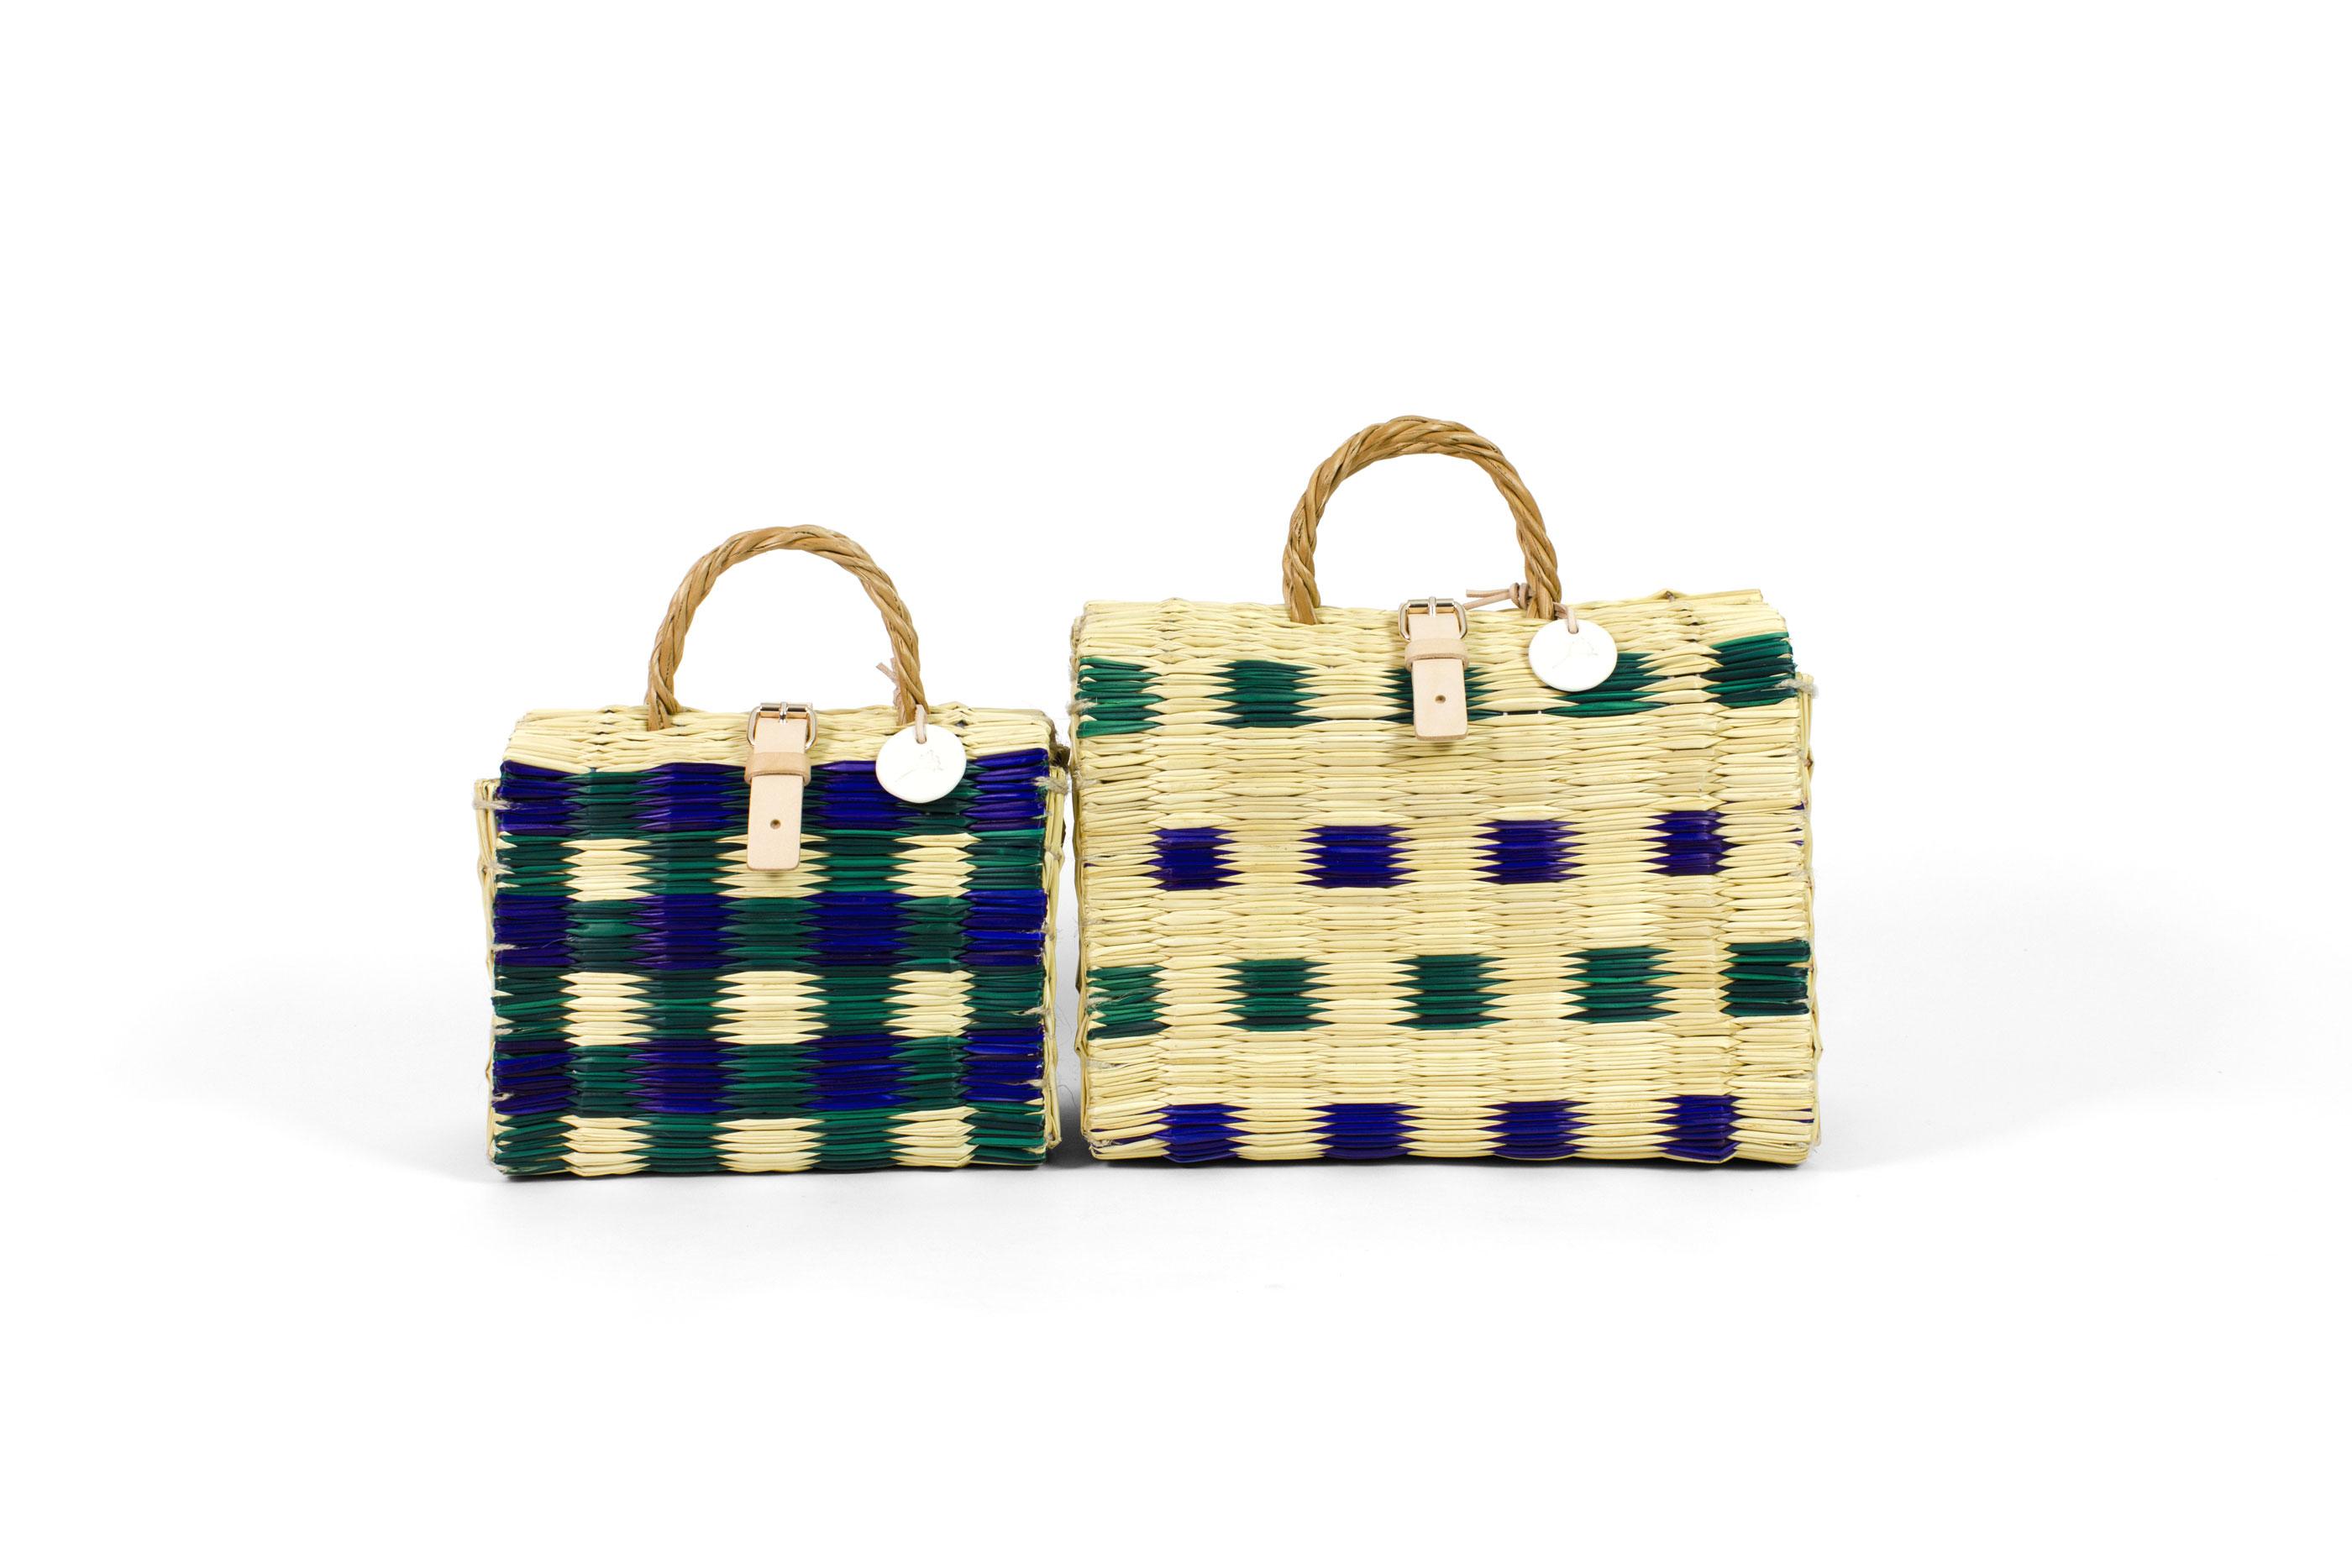 """Malas """"Celeste"""" e """"Olinda"""", tendo um pano de fundo branco, dois dos artigos da marca TOINO ABEL, feitos de junco e vime, com um padrão tingido a azul e verde."""